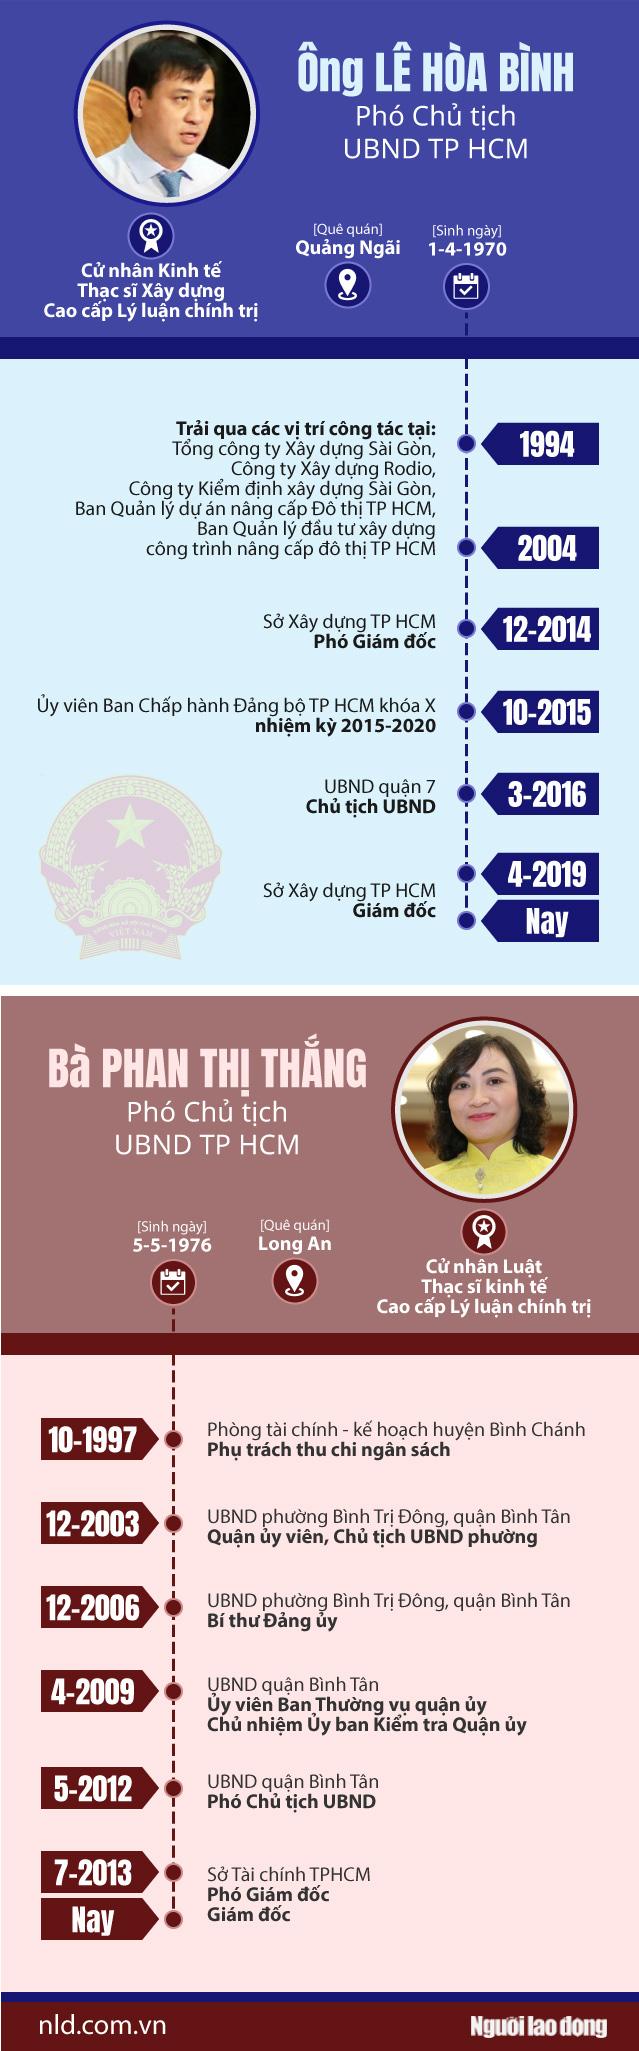 TP HCM có 2 tân phó chủ tịch UBND TP - Ảnh 1.